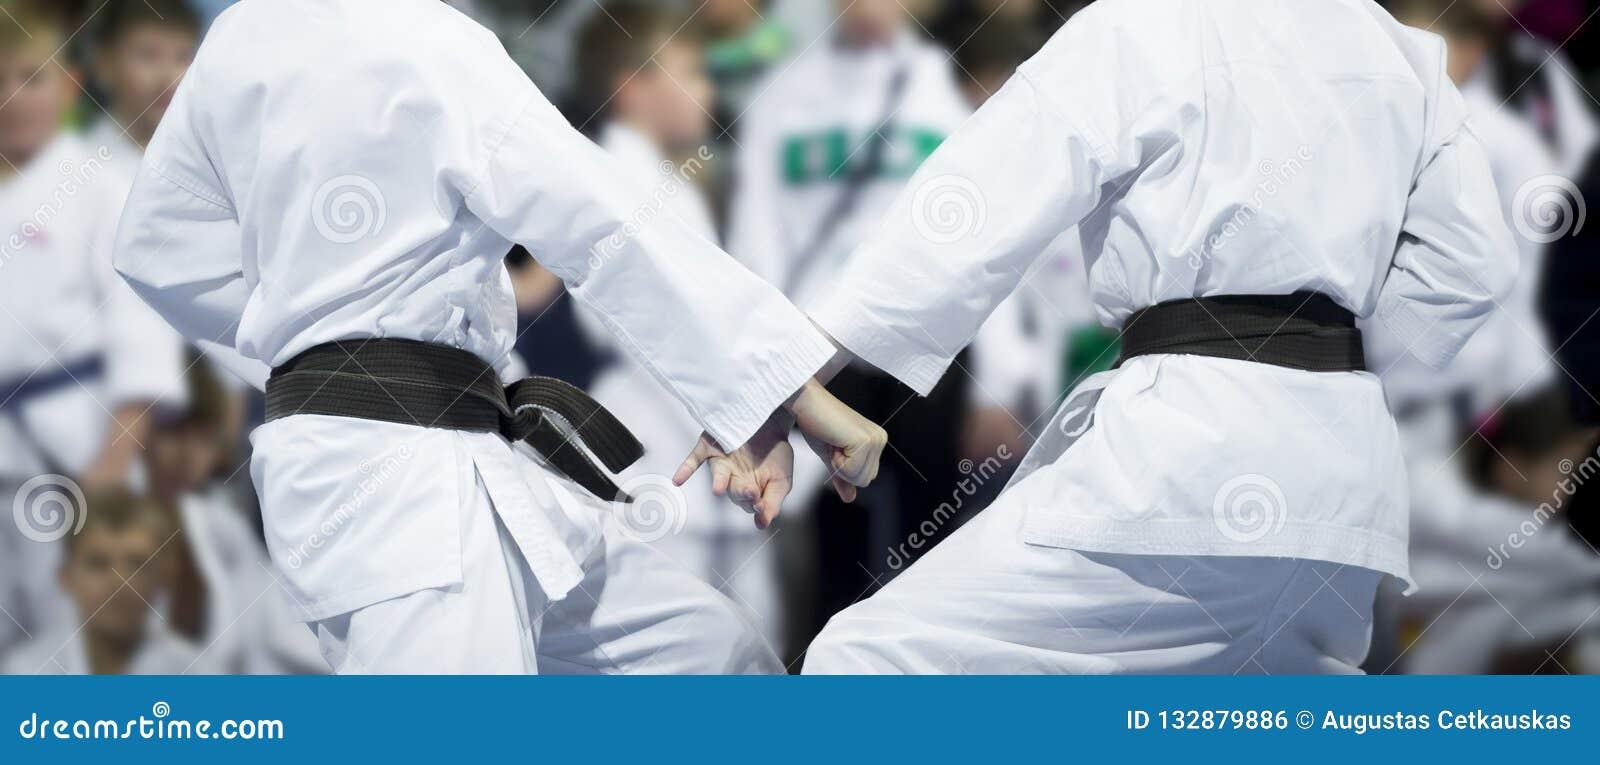 De karate doet jonge geitjesstrijd op onduidelijk beeldachtergrond Wereld Champ: Evheniy Yarimbacsh